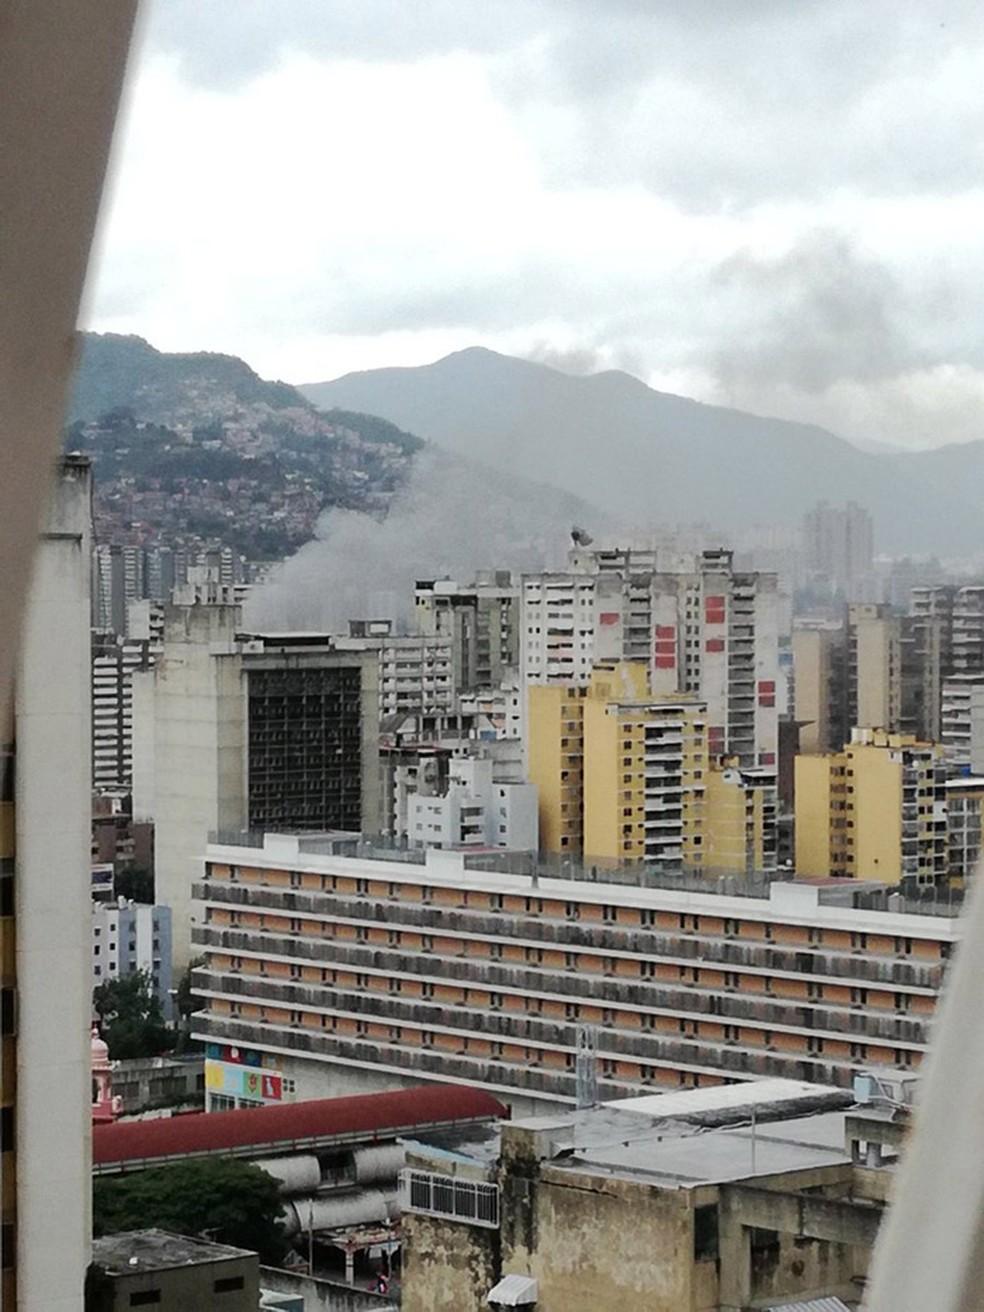 Imagem de um vídeo feito de um prédio próximo ao local da parada militar mostra fumaça após o barulho que interrompeu o discurso de Maduro; governo da Venezuela afirmou que houve um atentado com drones carregados de explosivos (Foto: Cortesia de Manuel Berbin/via Reuters)